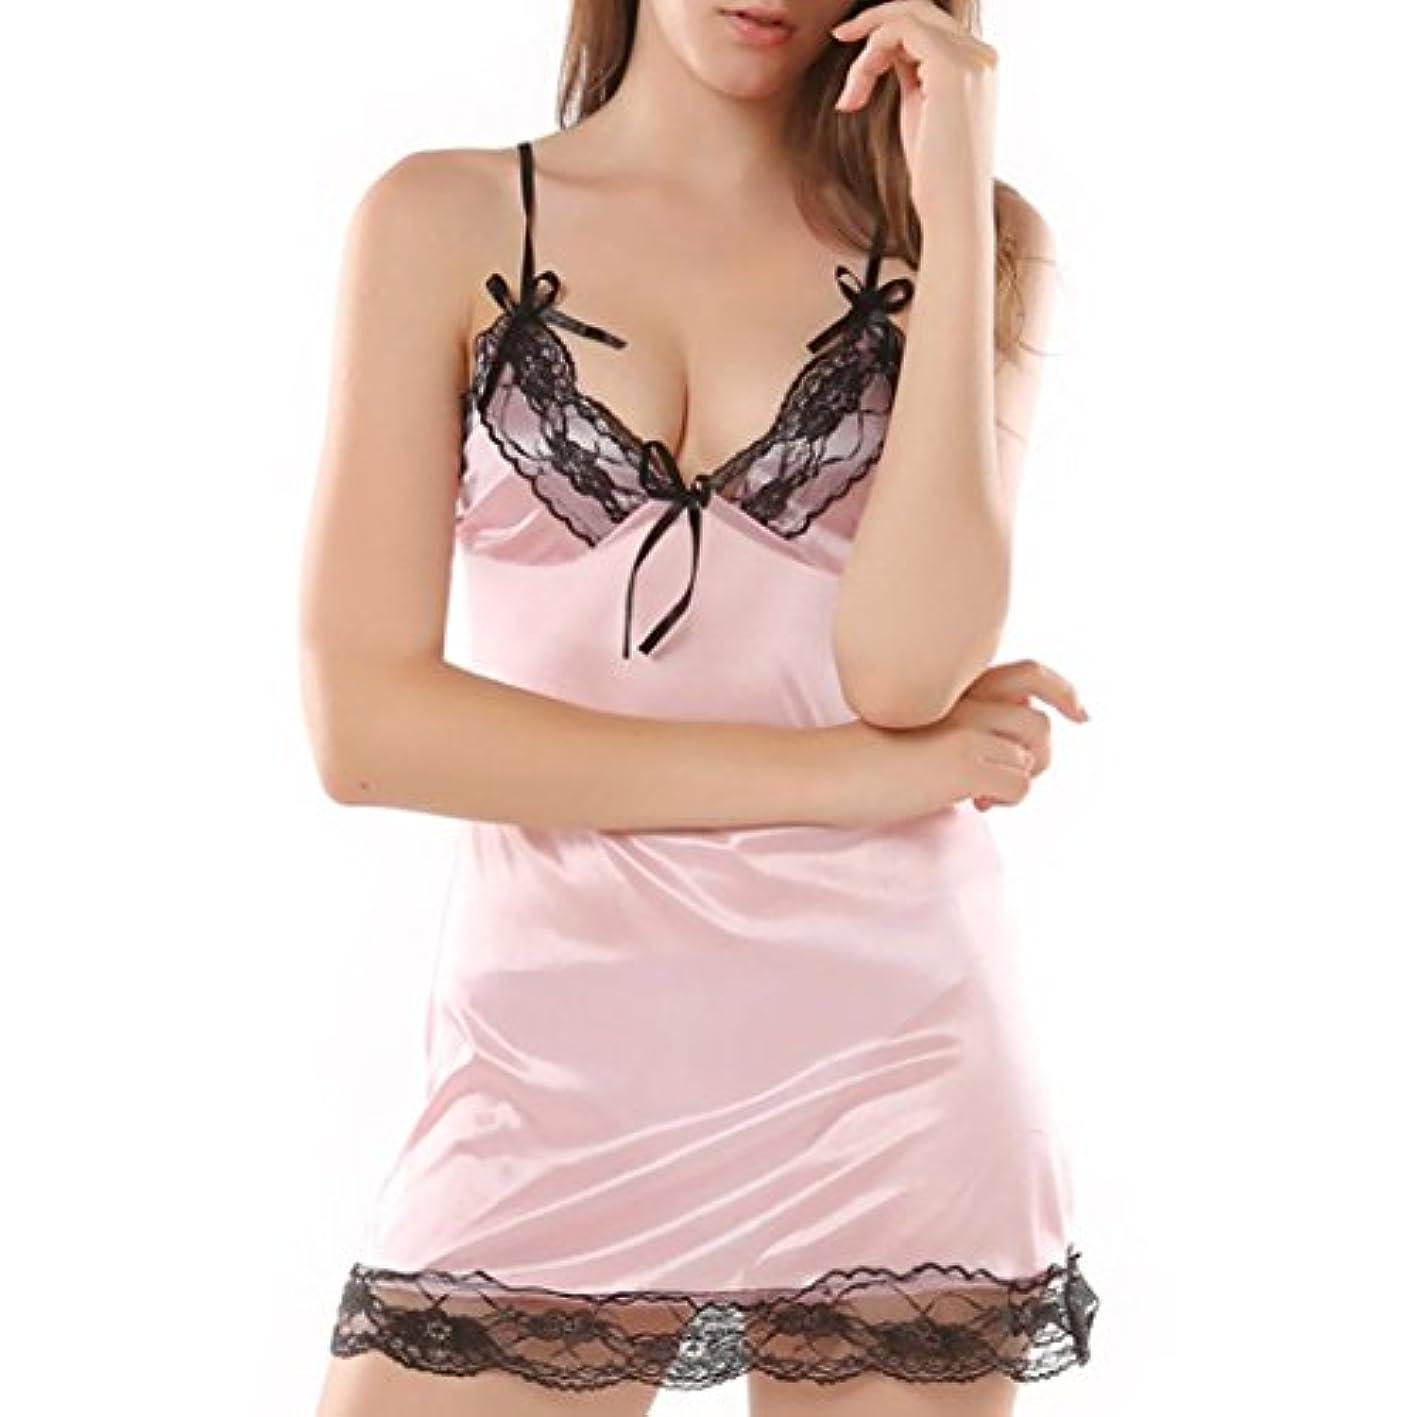 共感する教義神秘的なMhomzawa レースの下着ファッションセクシープラスサイズの服は下着の寝巻の誘惑